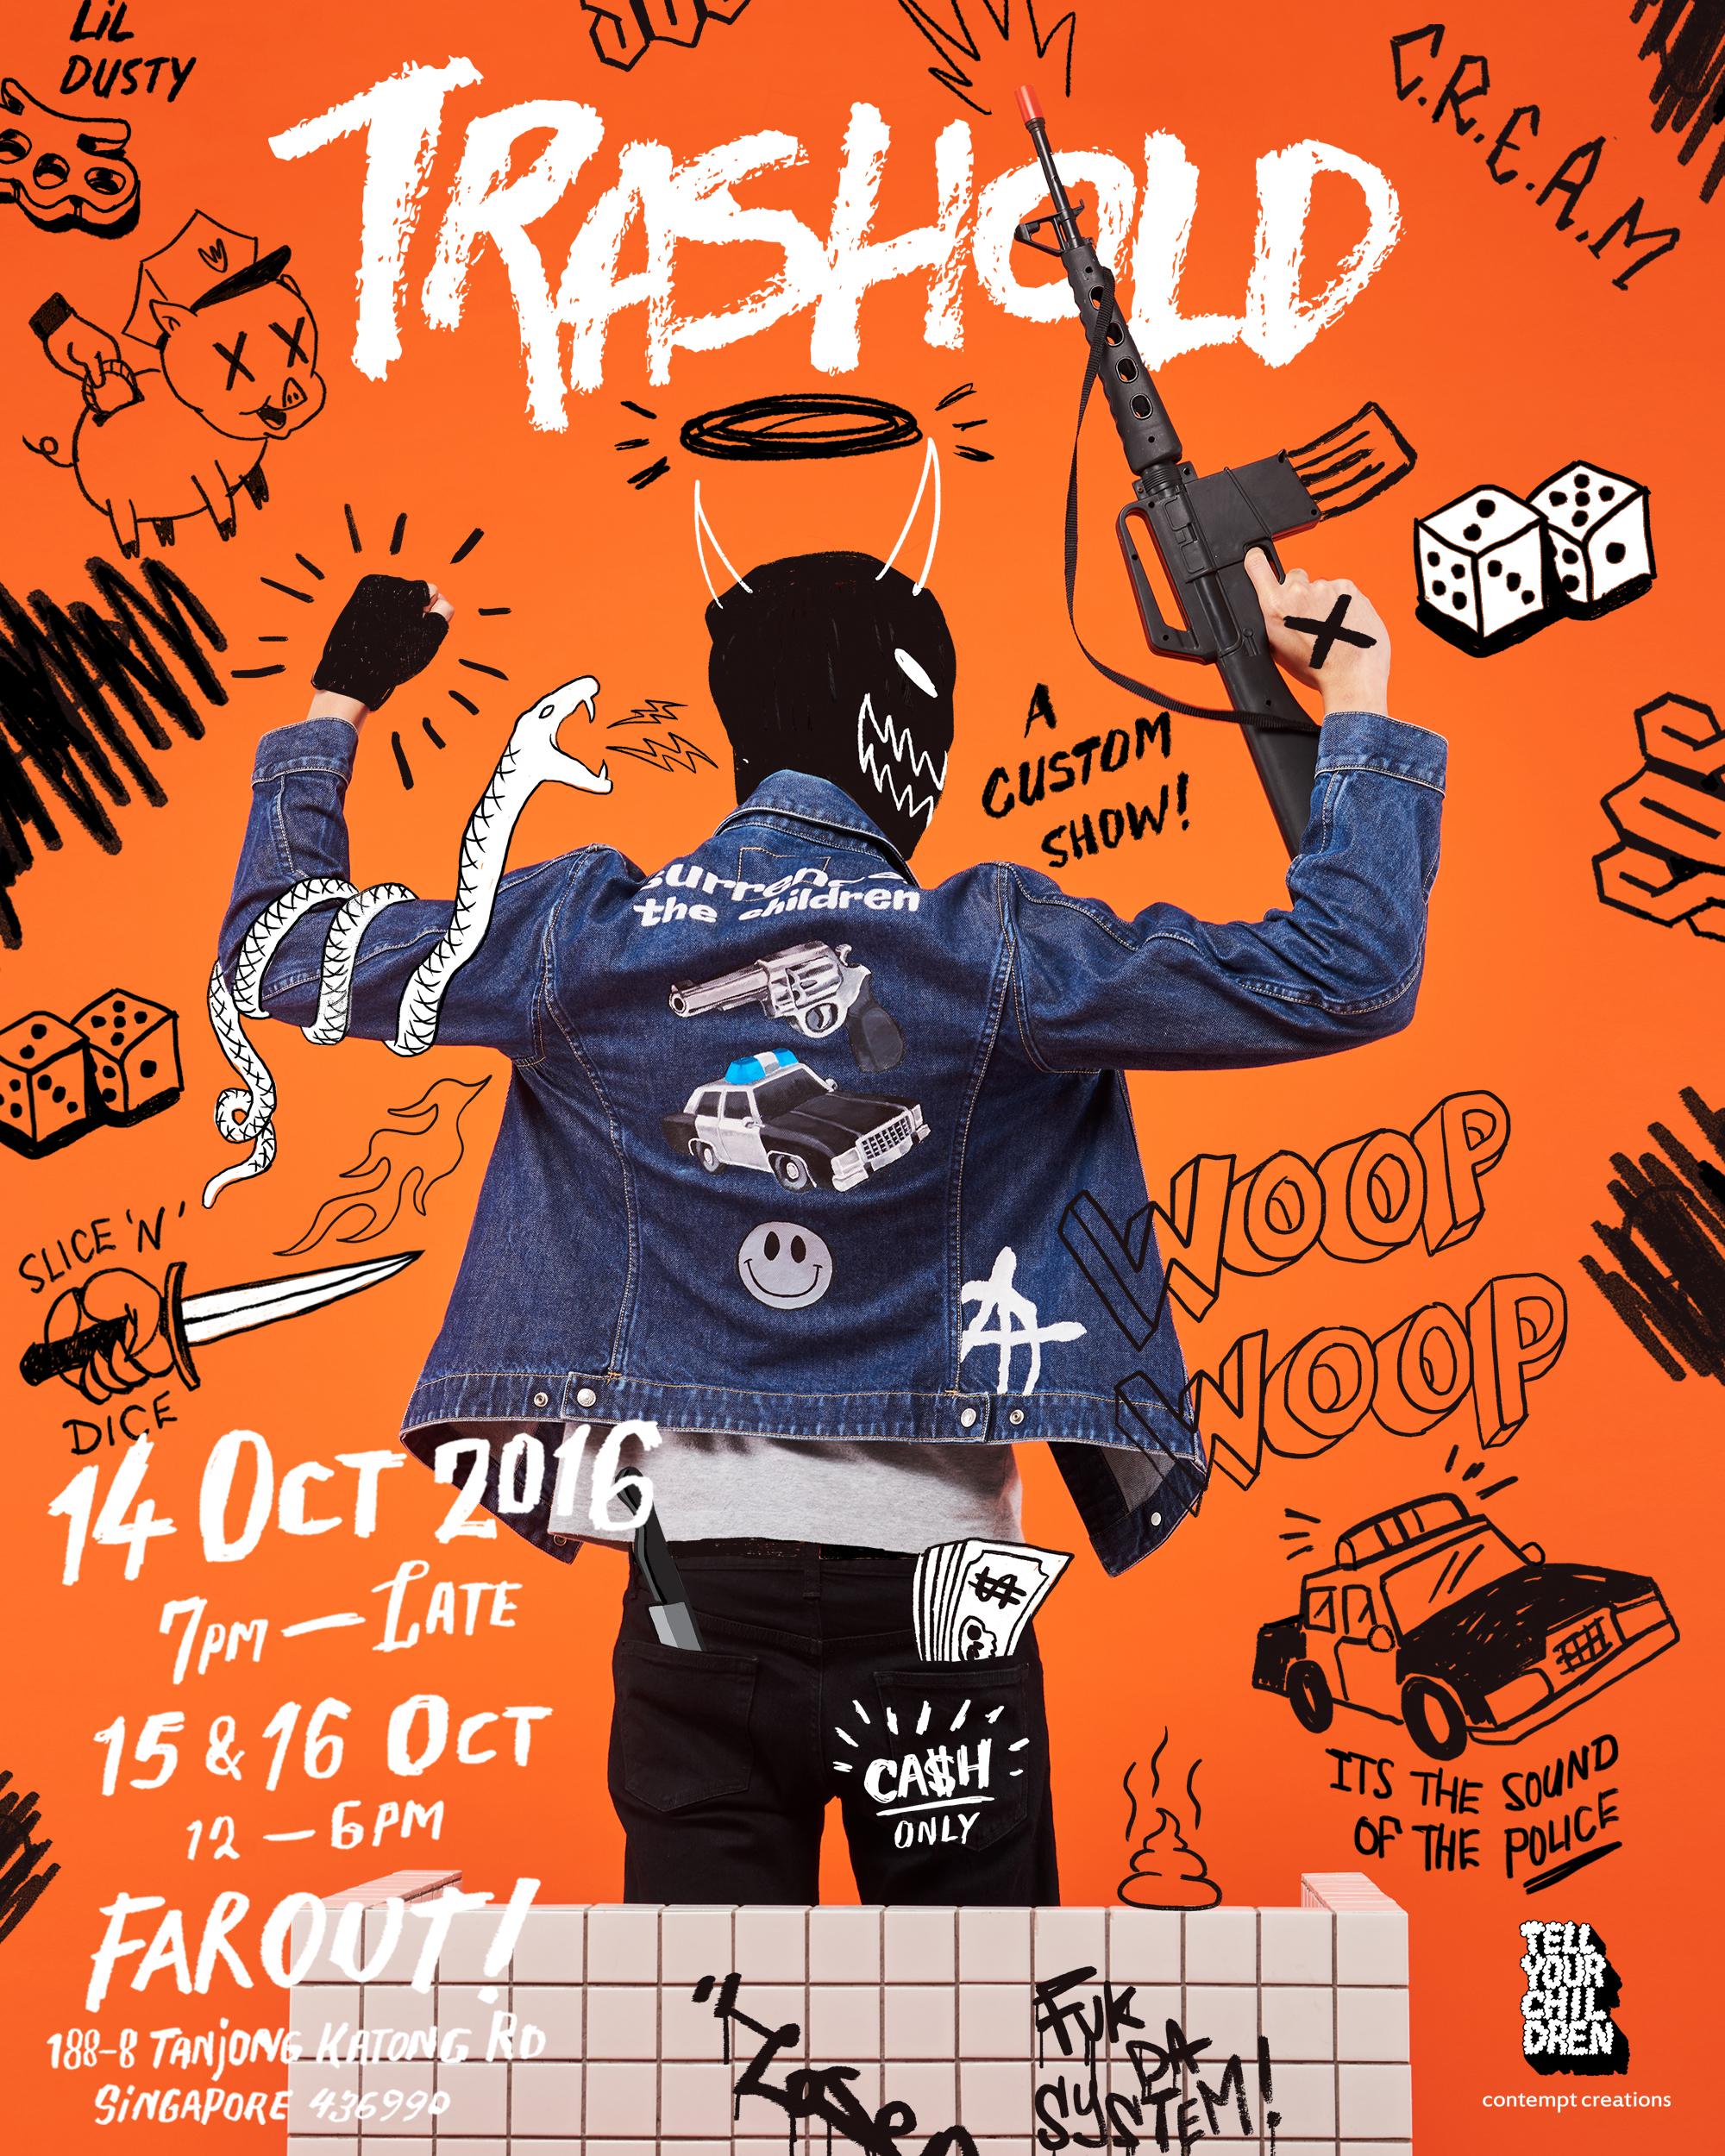 Trashold_Poster1.jpg